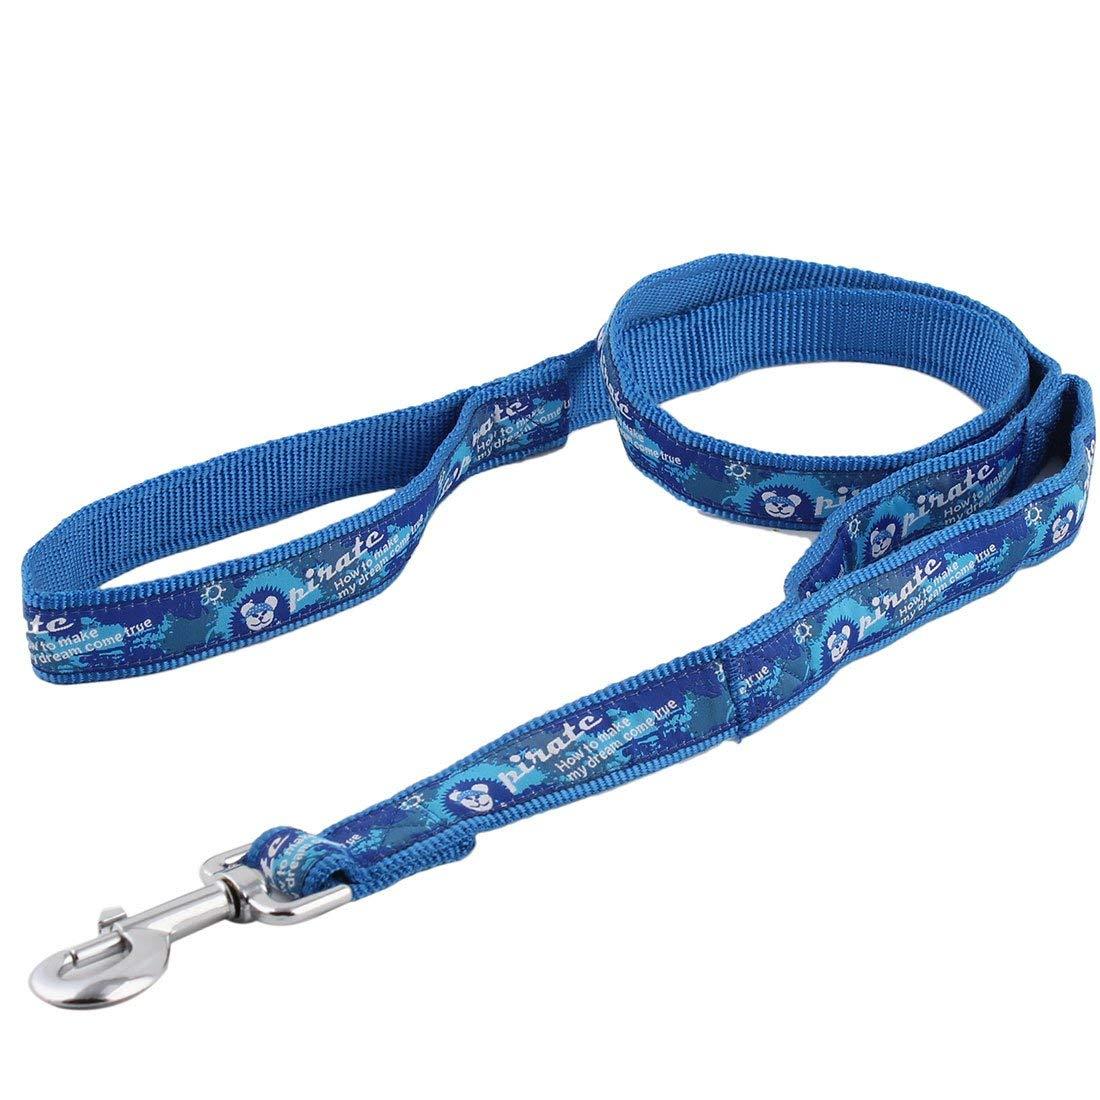 1Pc bluee   Denim Dog Pet Puppy Swivel Hook Walking Lead Training Rope Leash Strap